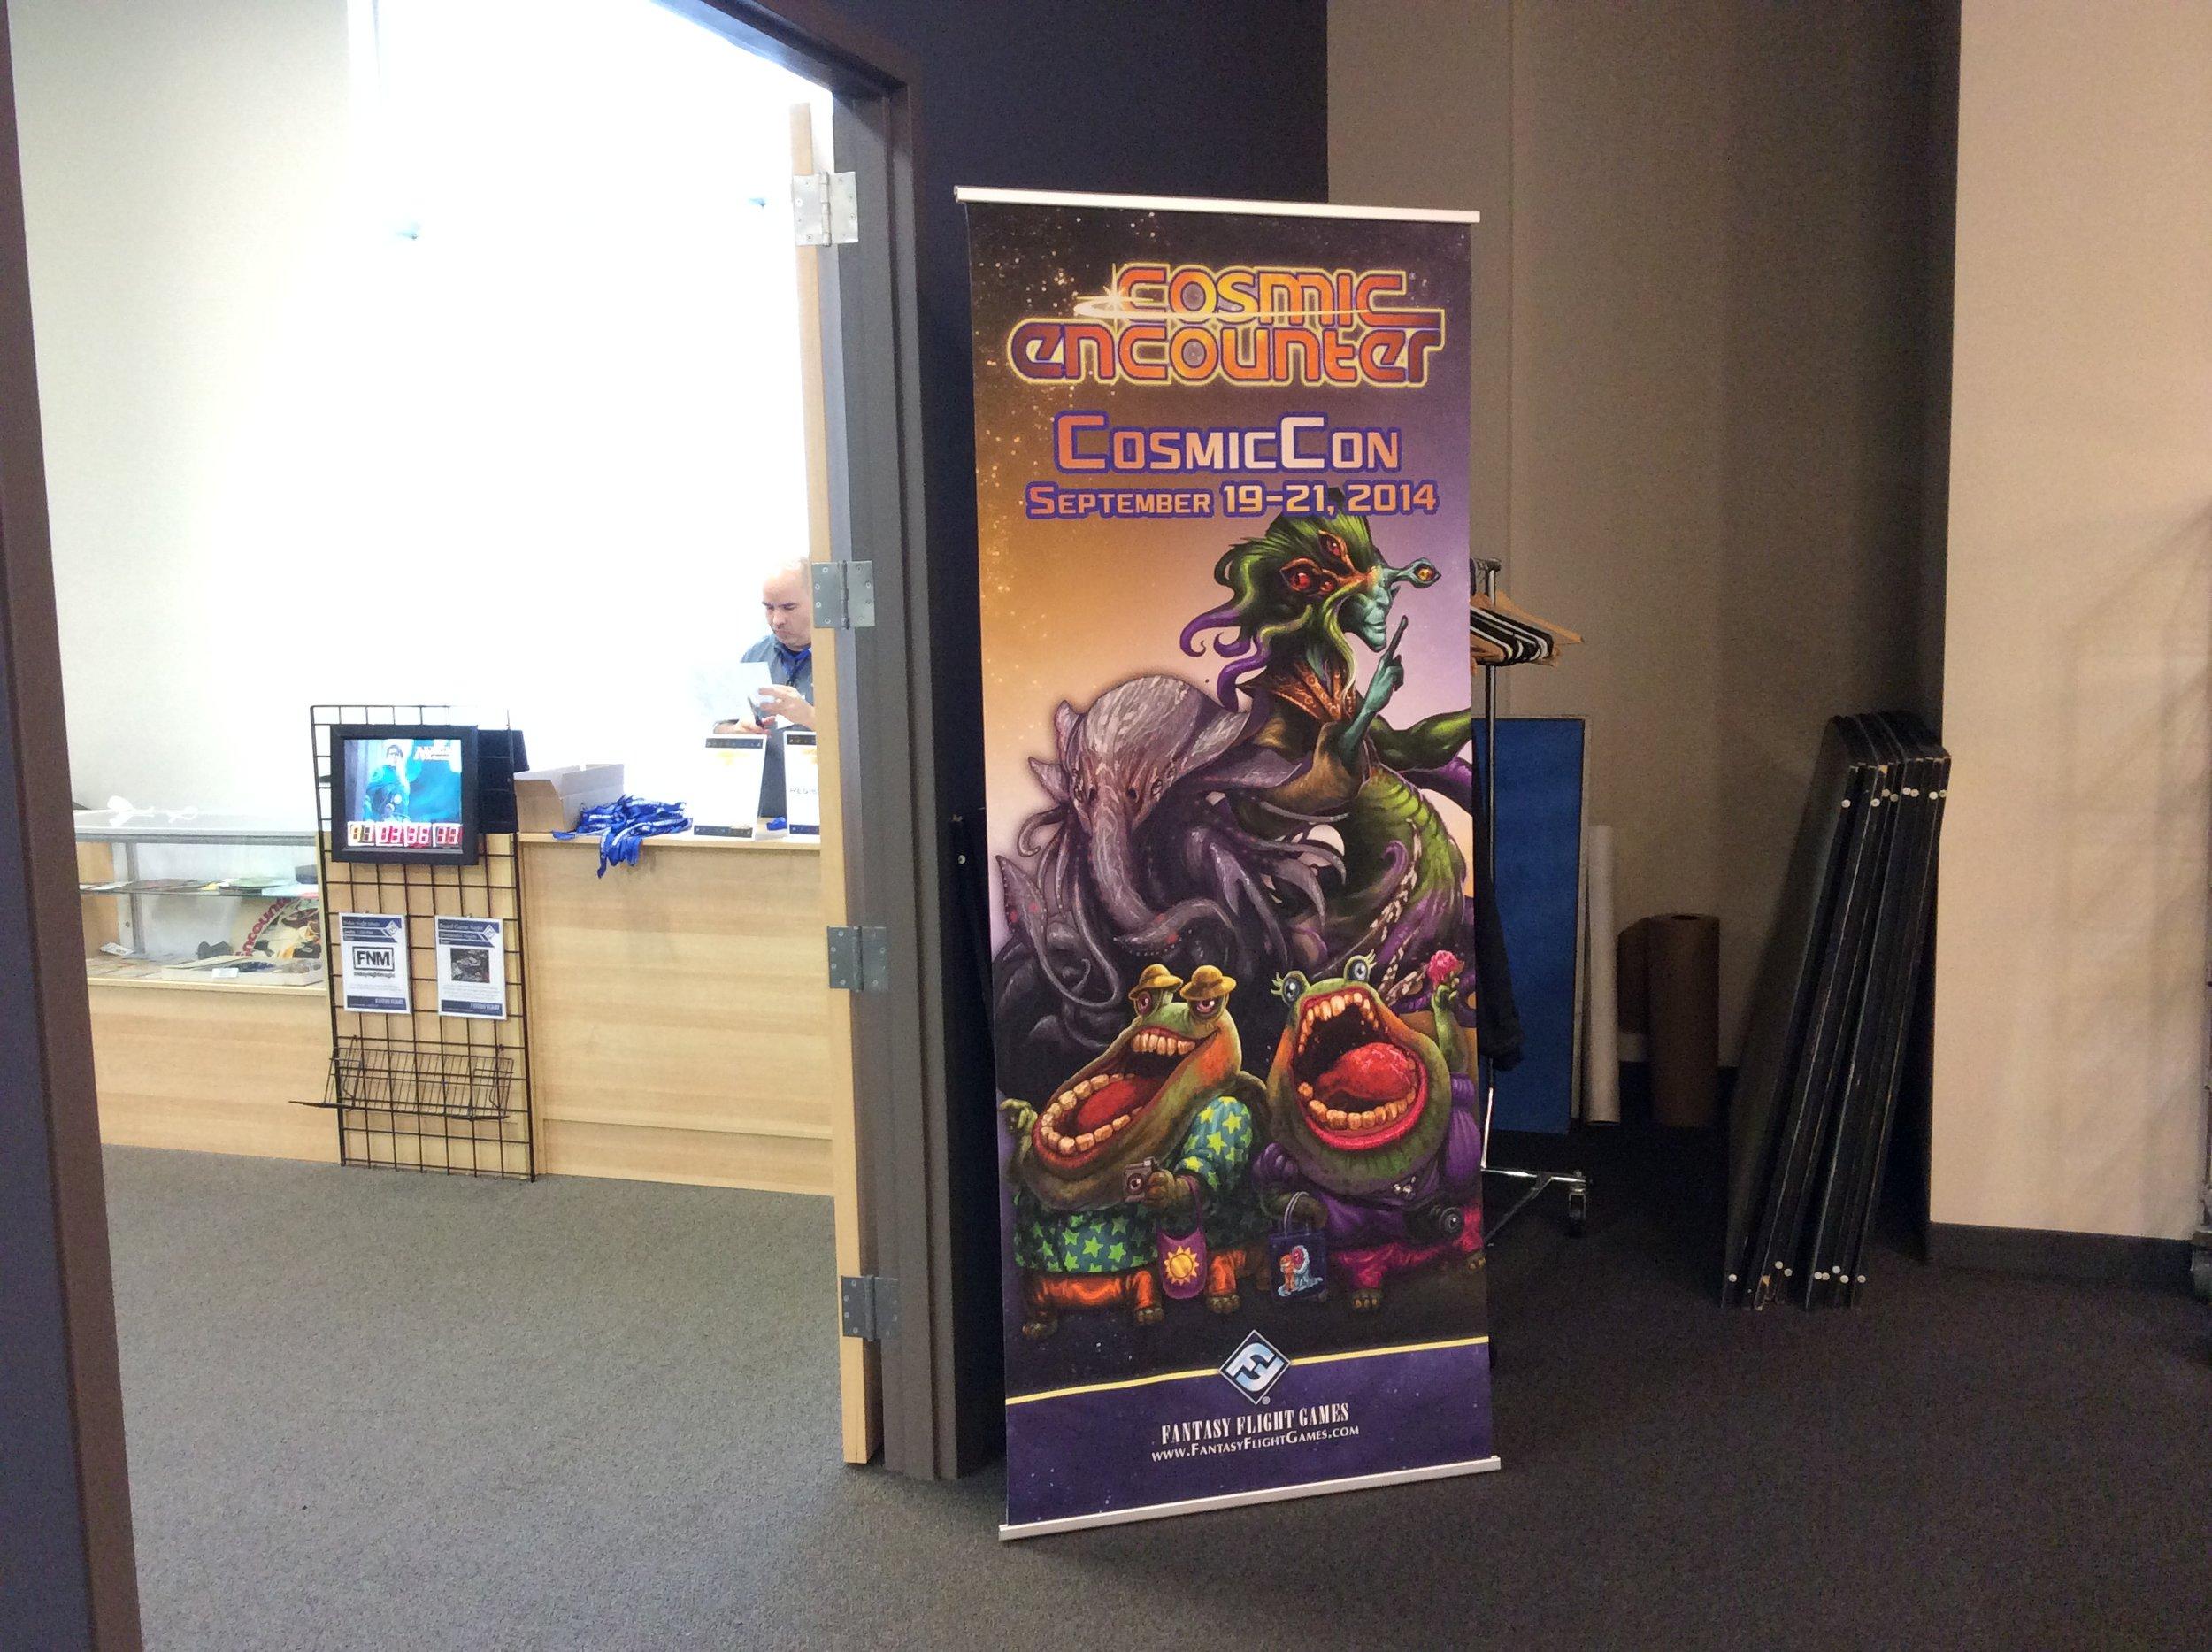 Cosmiccon door poster.JPG